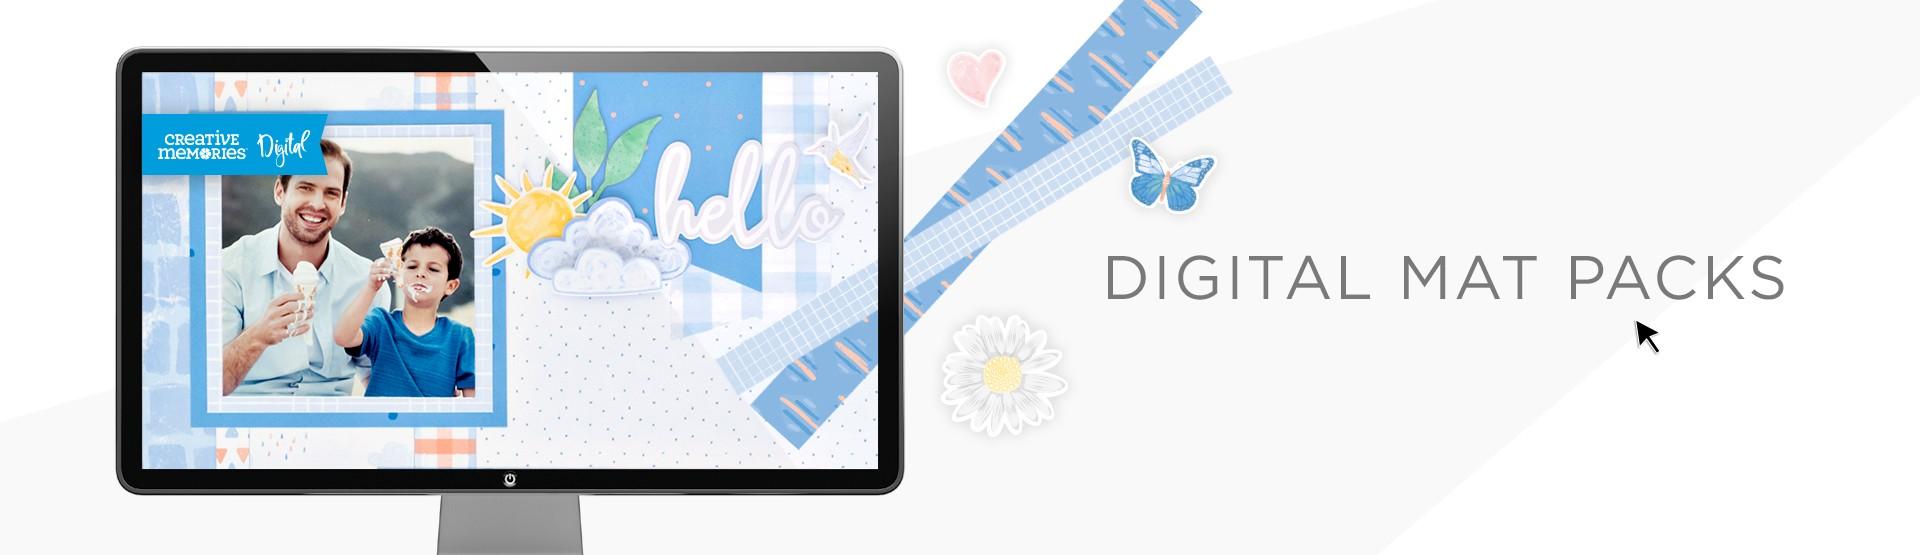 Digital Mat Packs